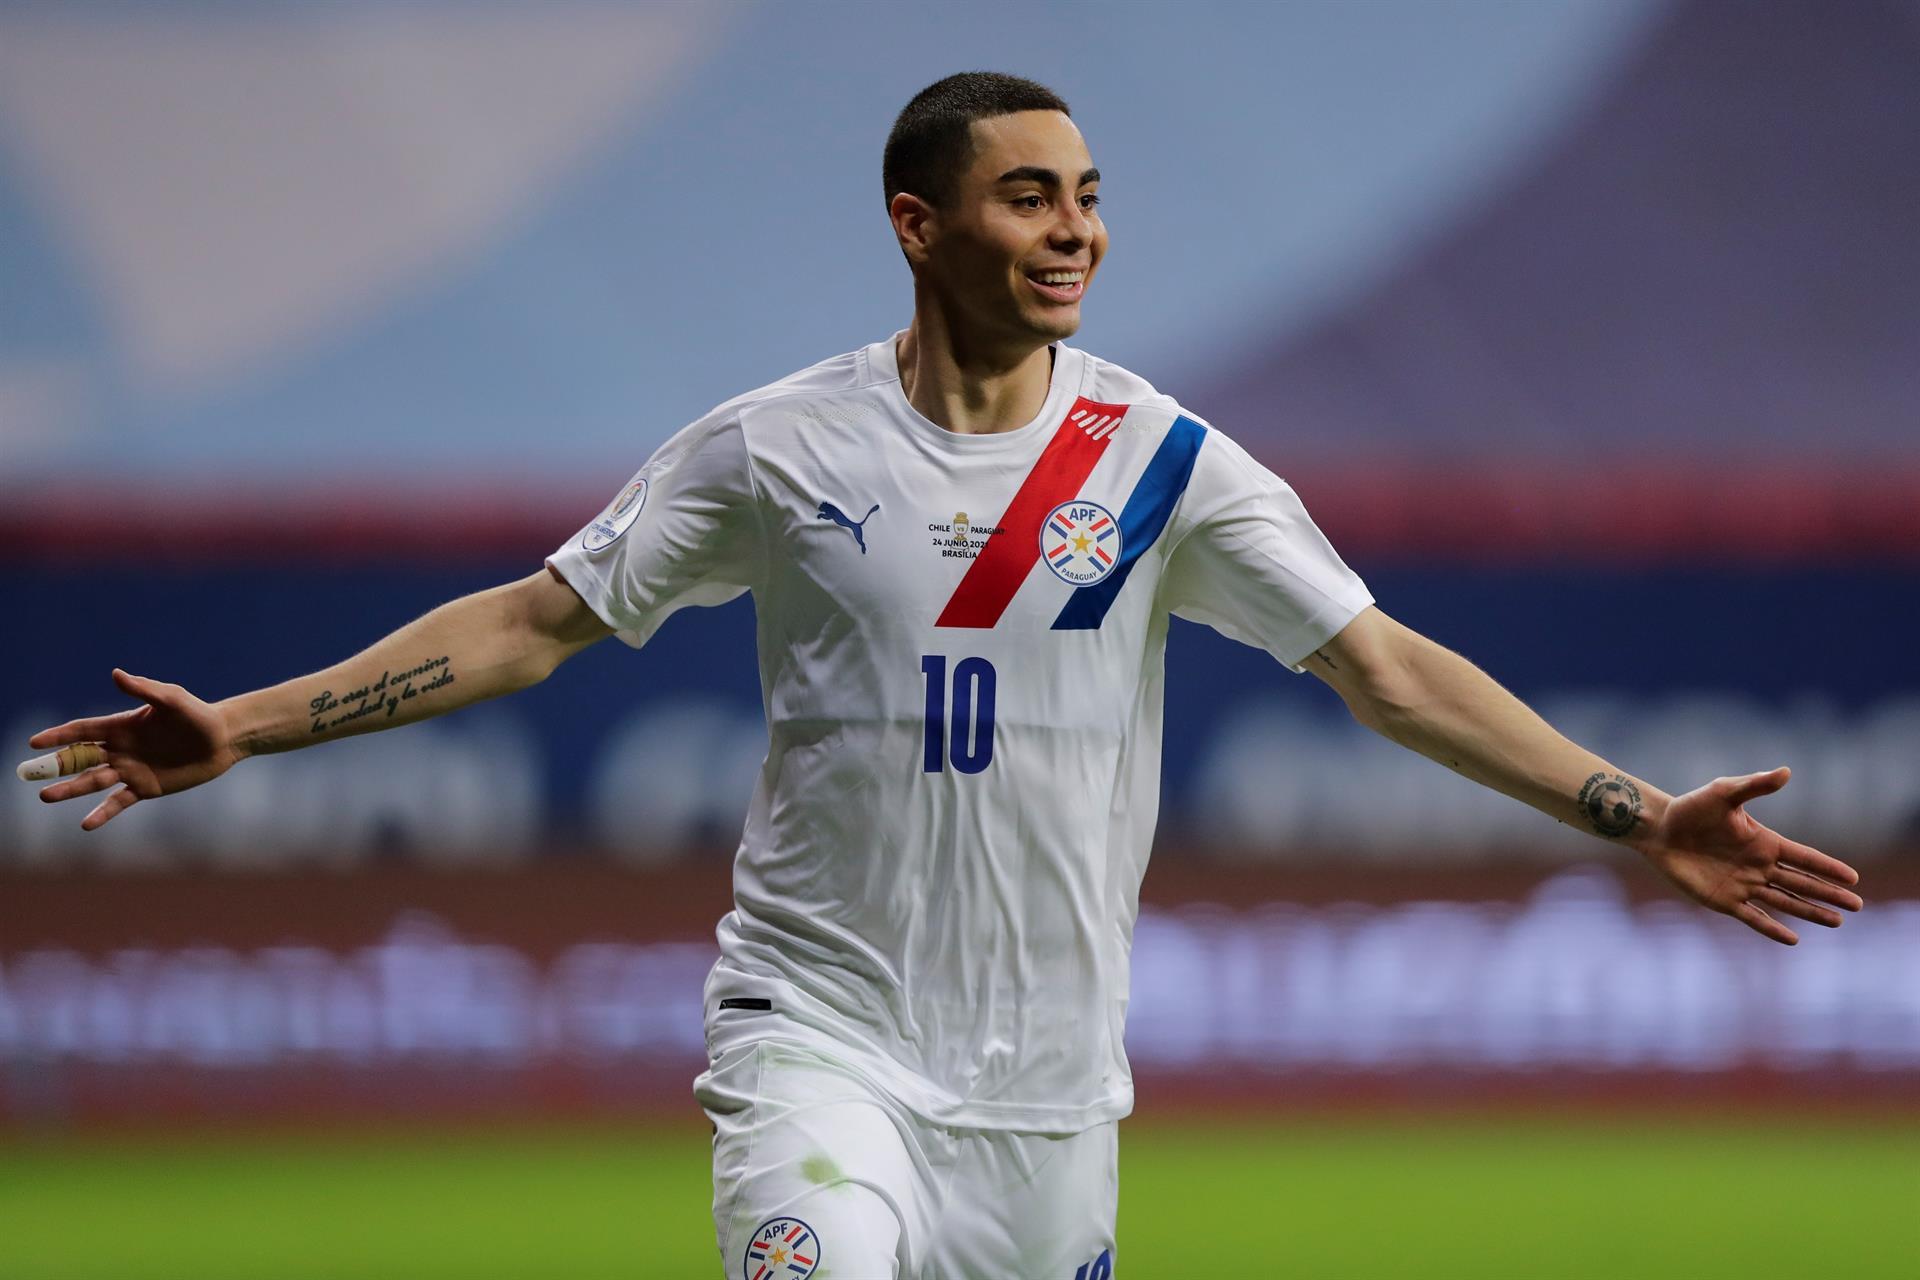 Paraguai vence o Chile e sobe para a segunda posição